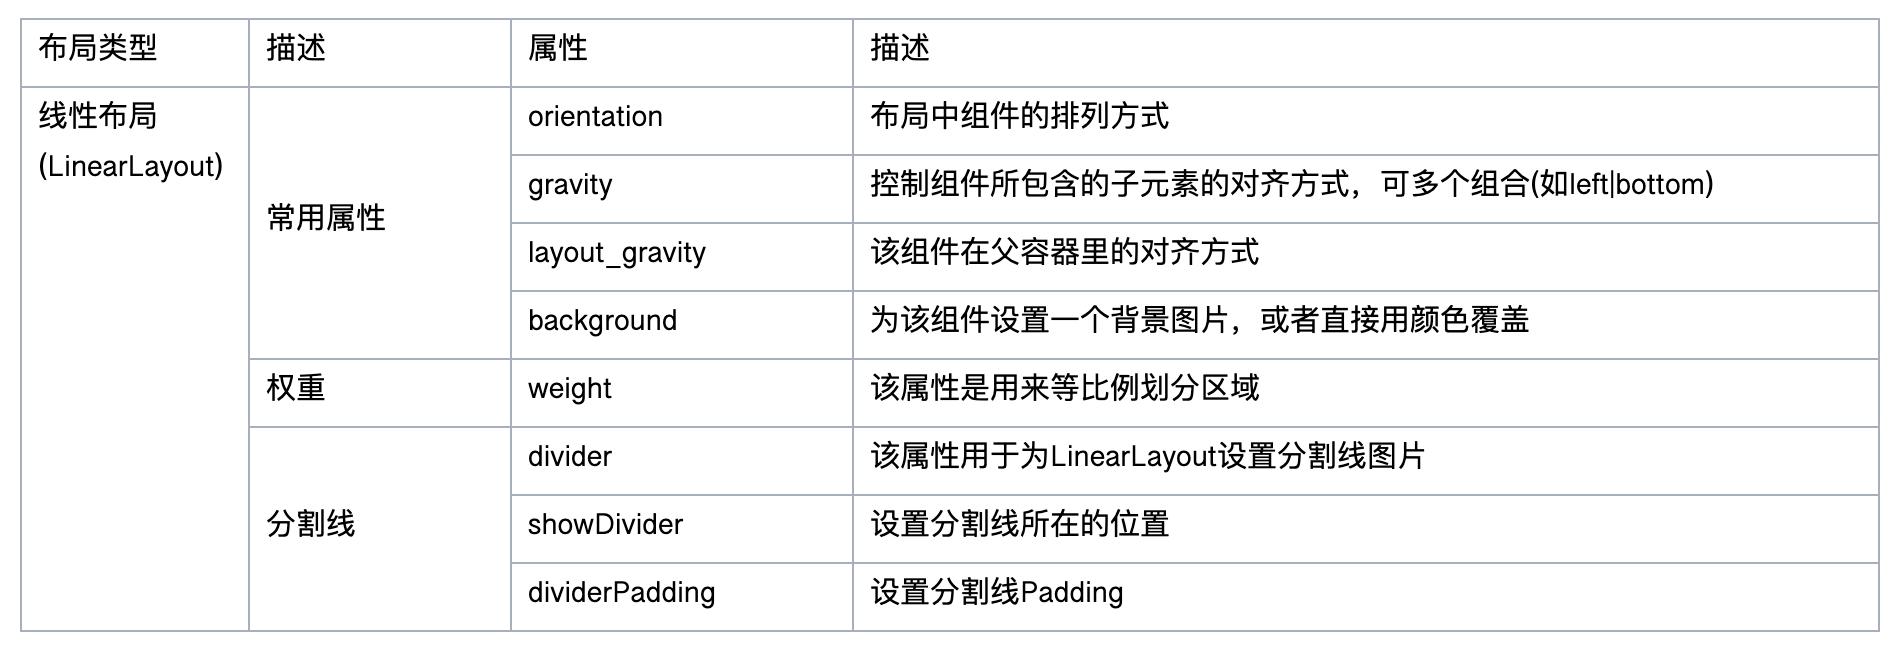 线性布局(LinearLayout)属性列表